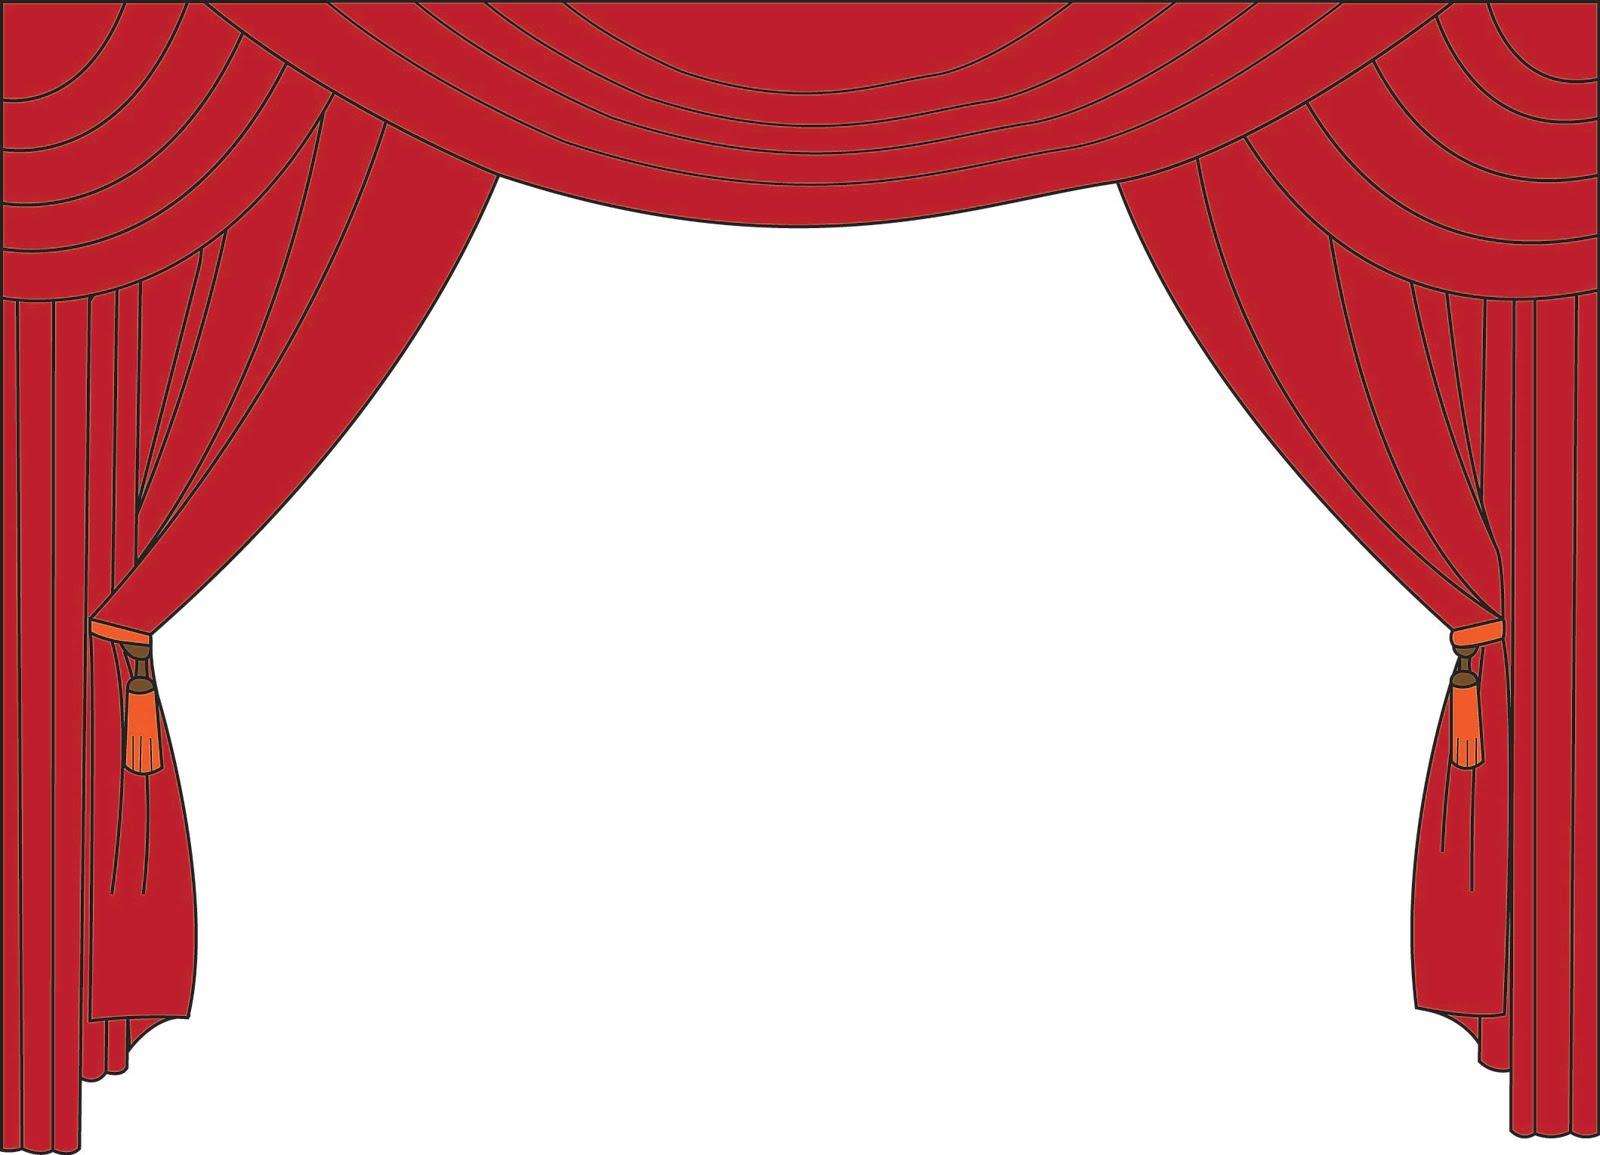 curtain clip art. Curtains clipart theatre